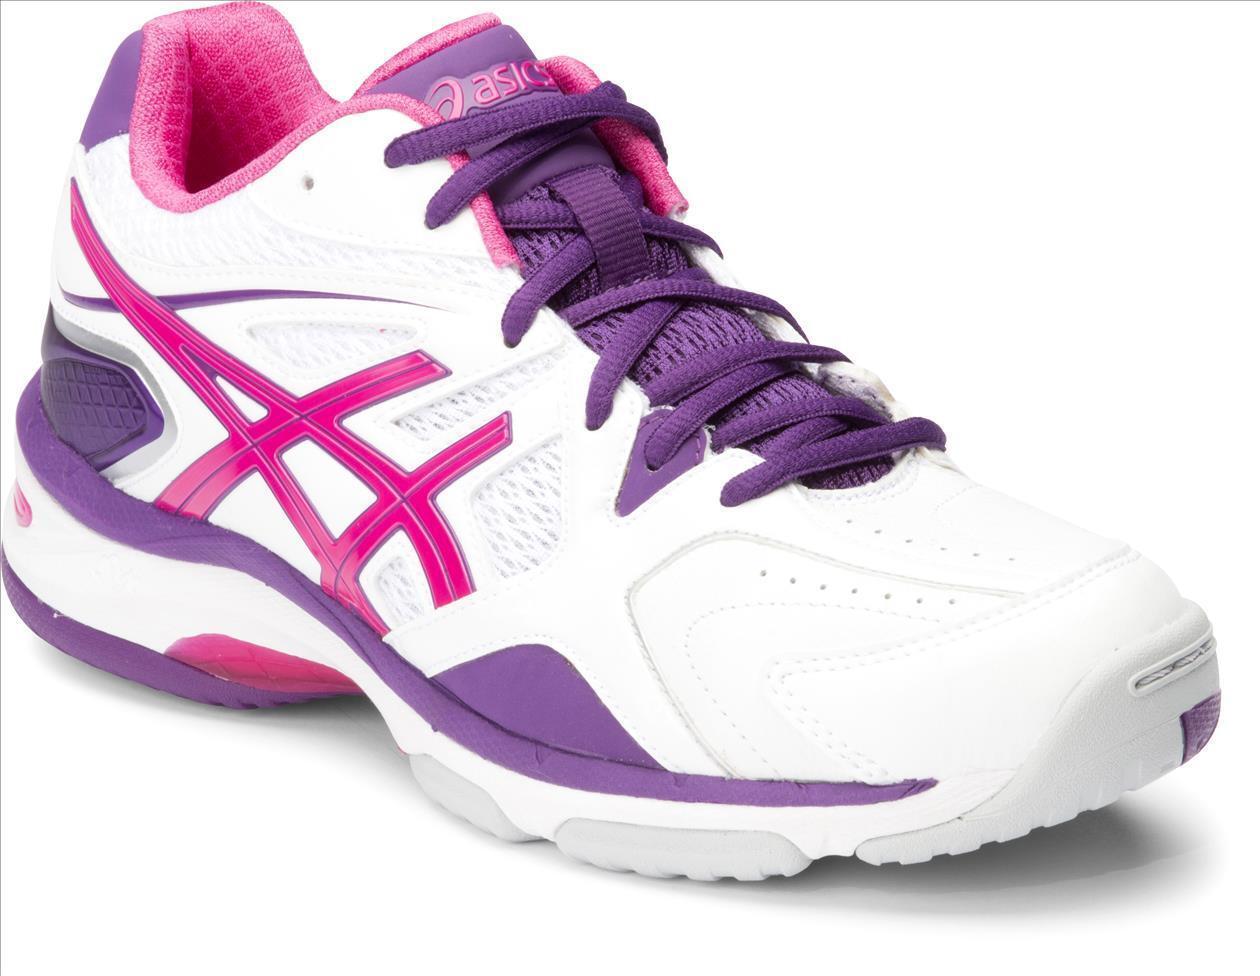 Asics Gel Netburner 17 kvinnor Netball skor (D) (0137)SAVE         förstklassig kvalitet